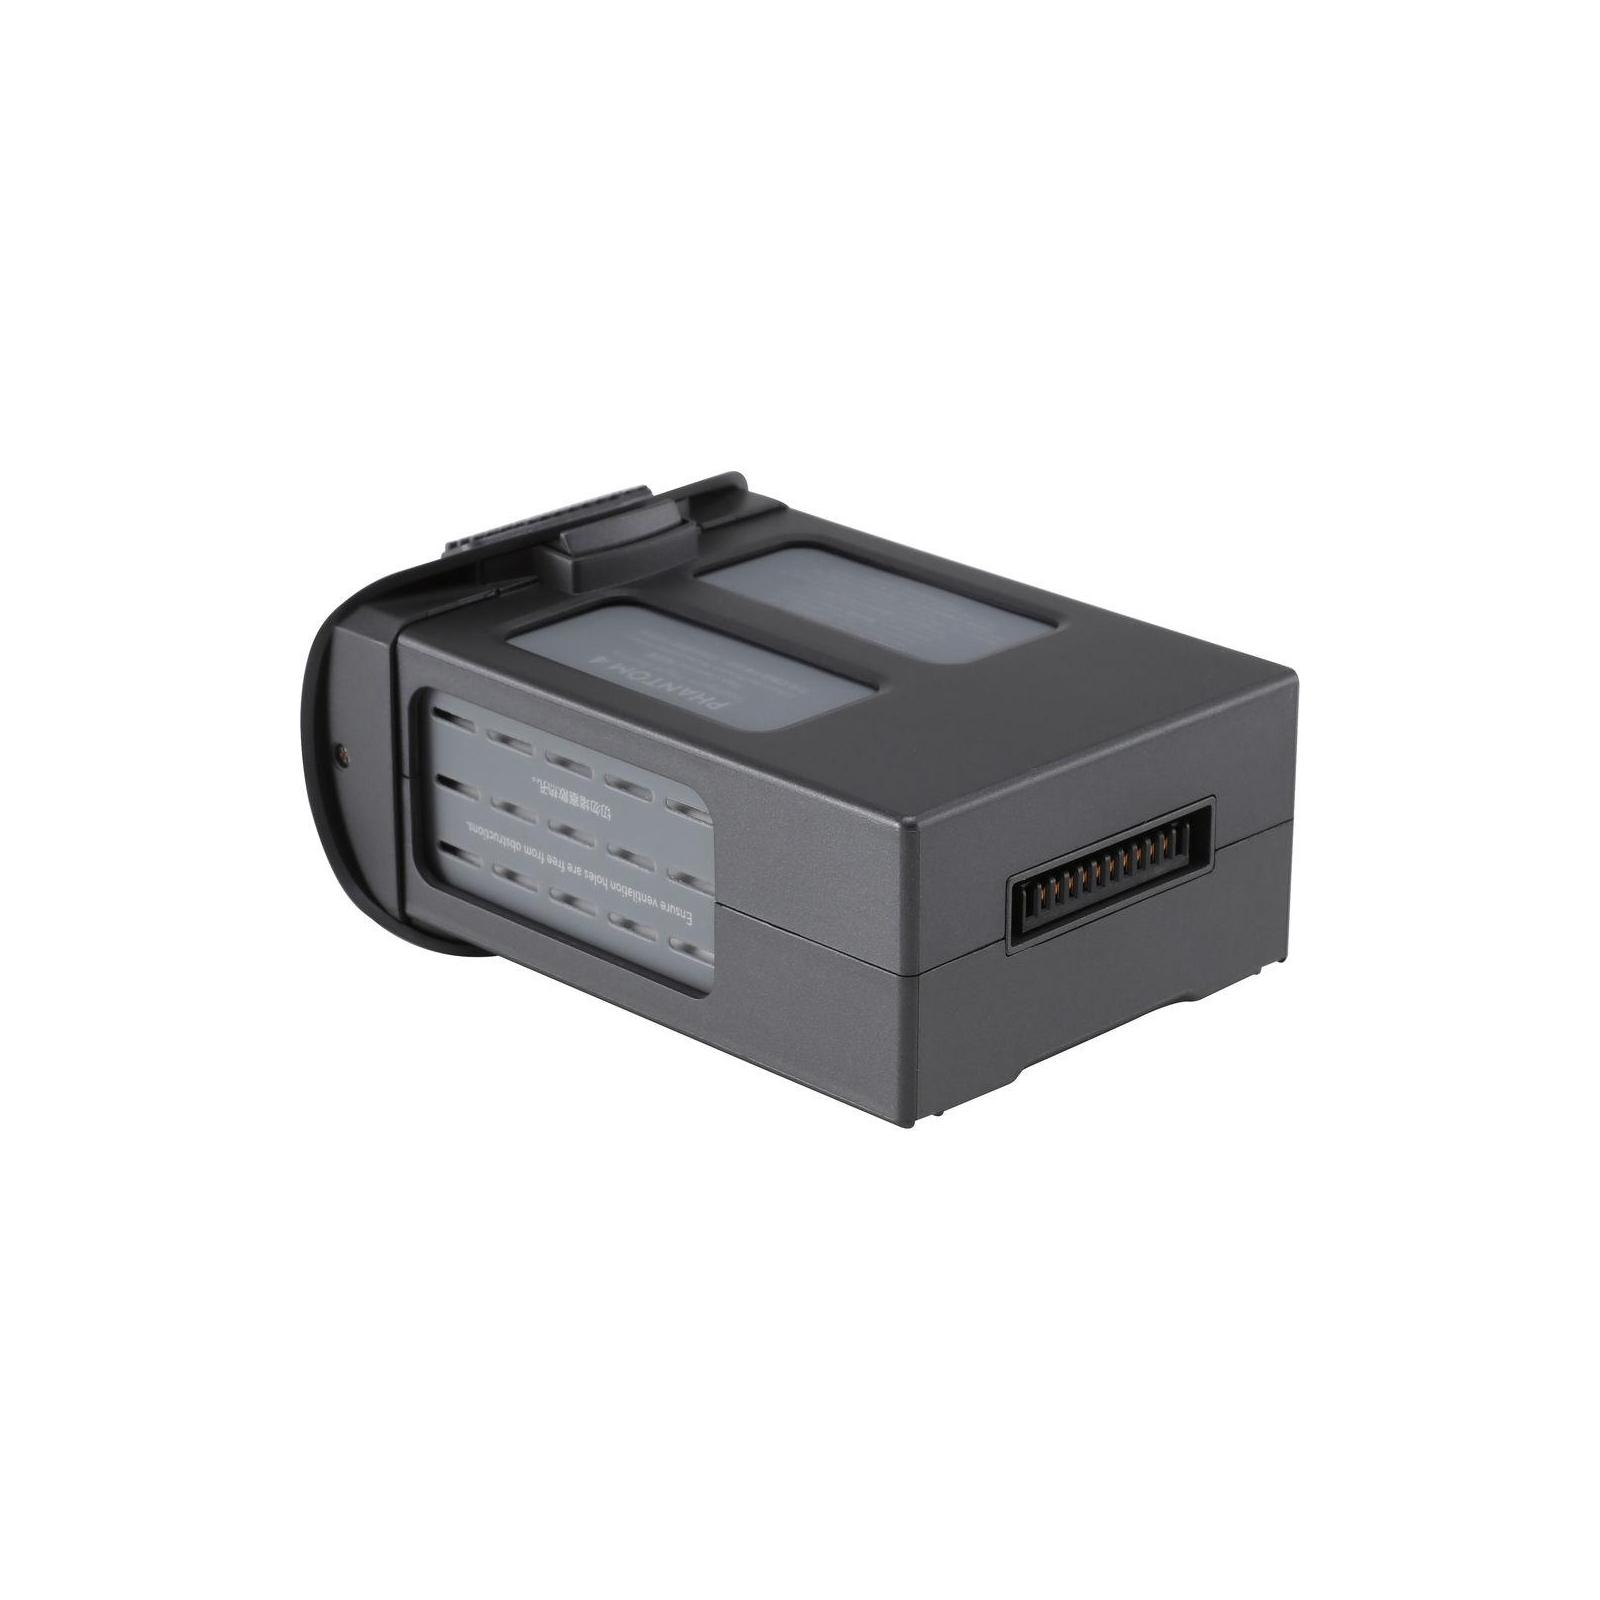 Аккумулятор для дрона DJI Phamtom 4 5870mAh (CP.PT.00000033.01) изображение 4